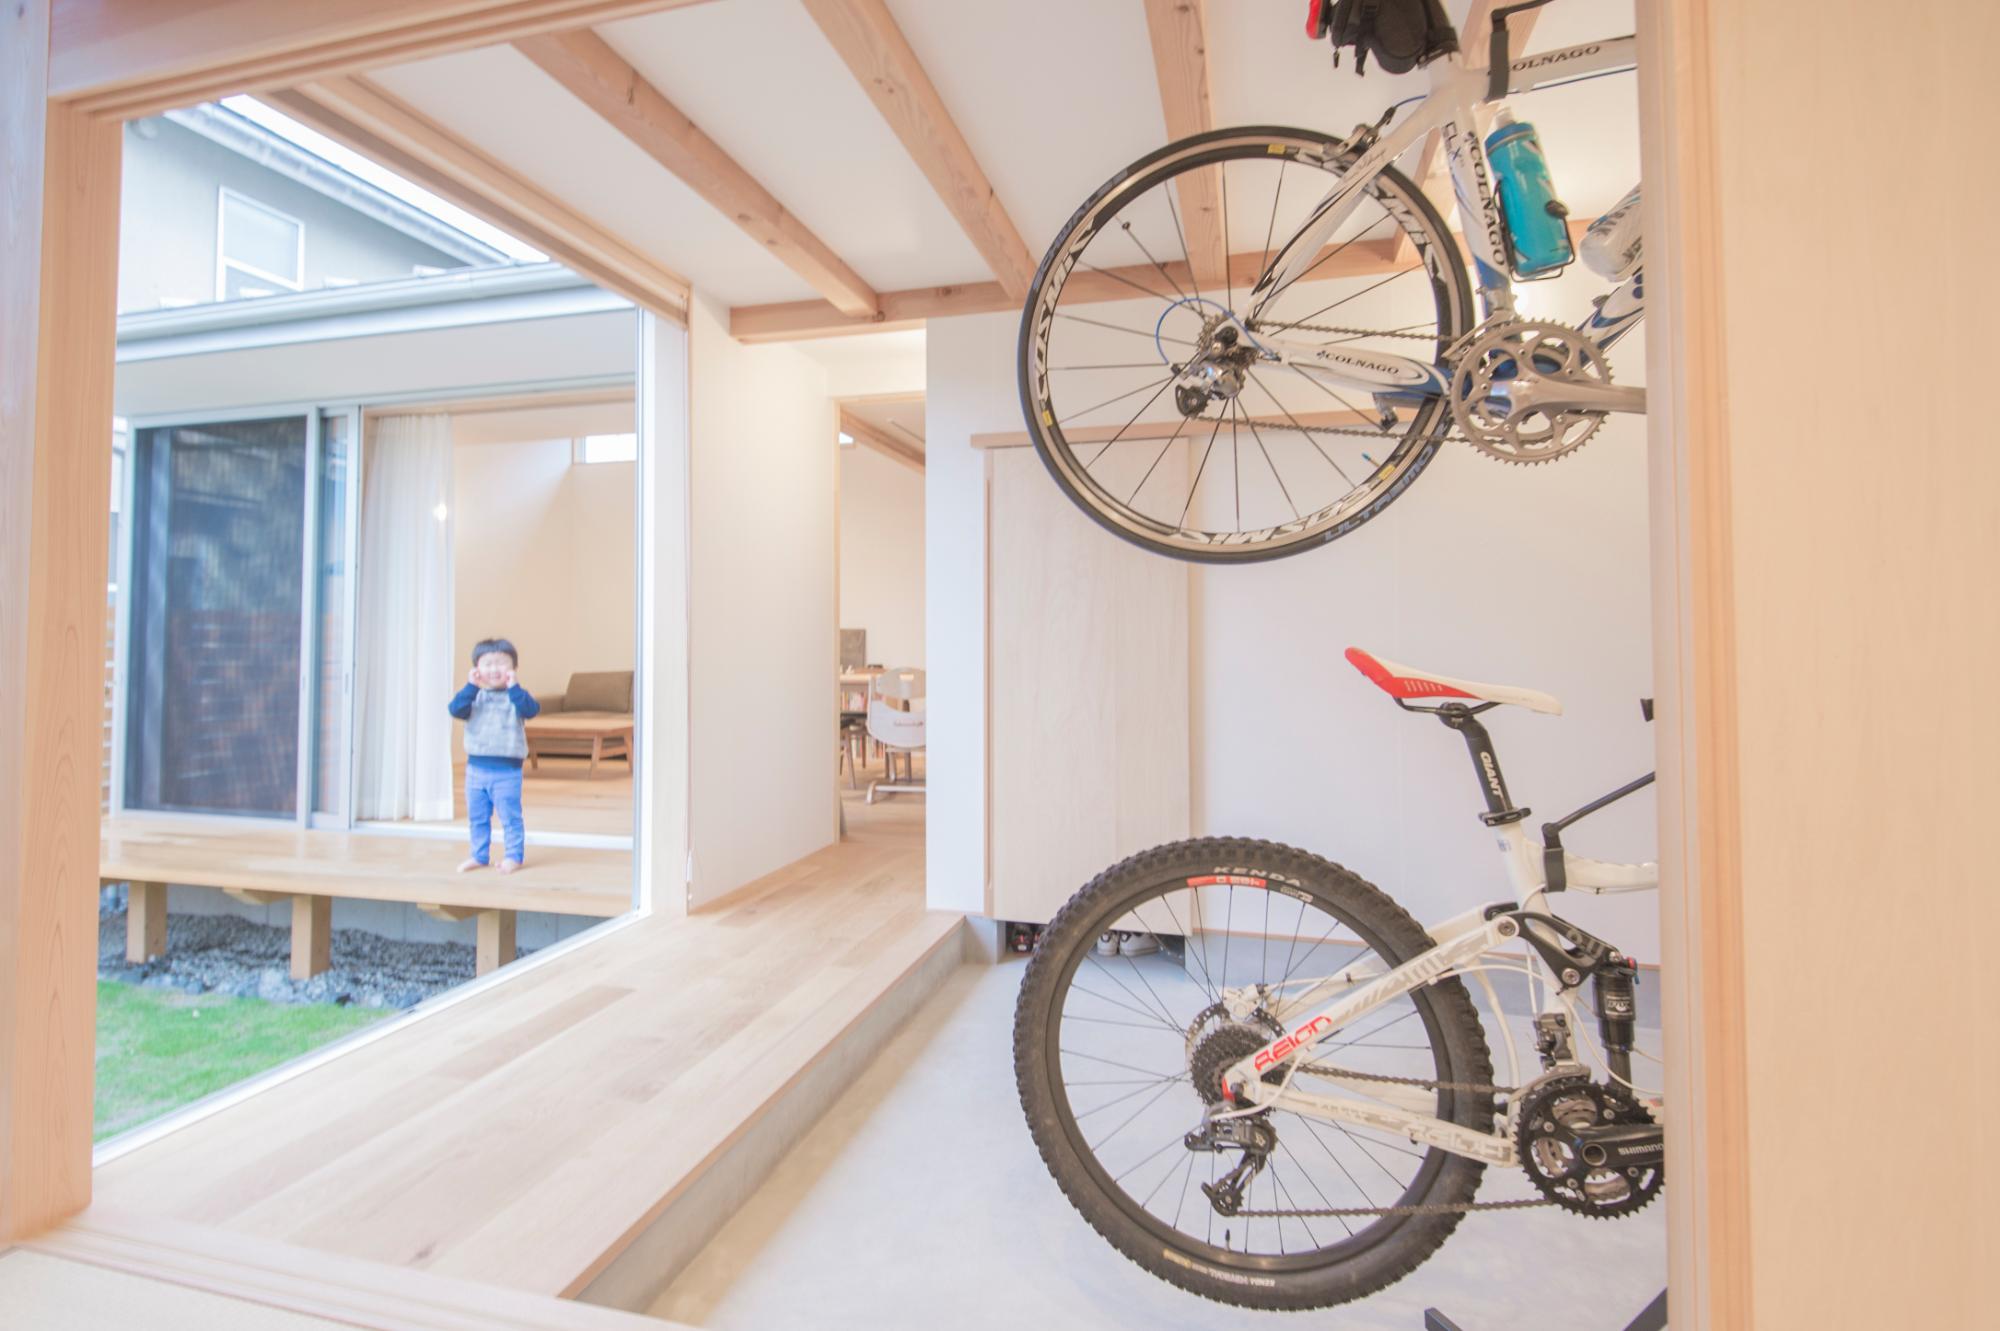 加藤淳 一級建築士事務所「庭を囲む住まい」の実例写真